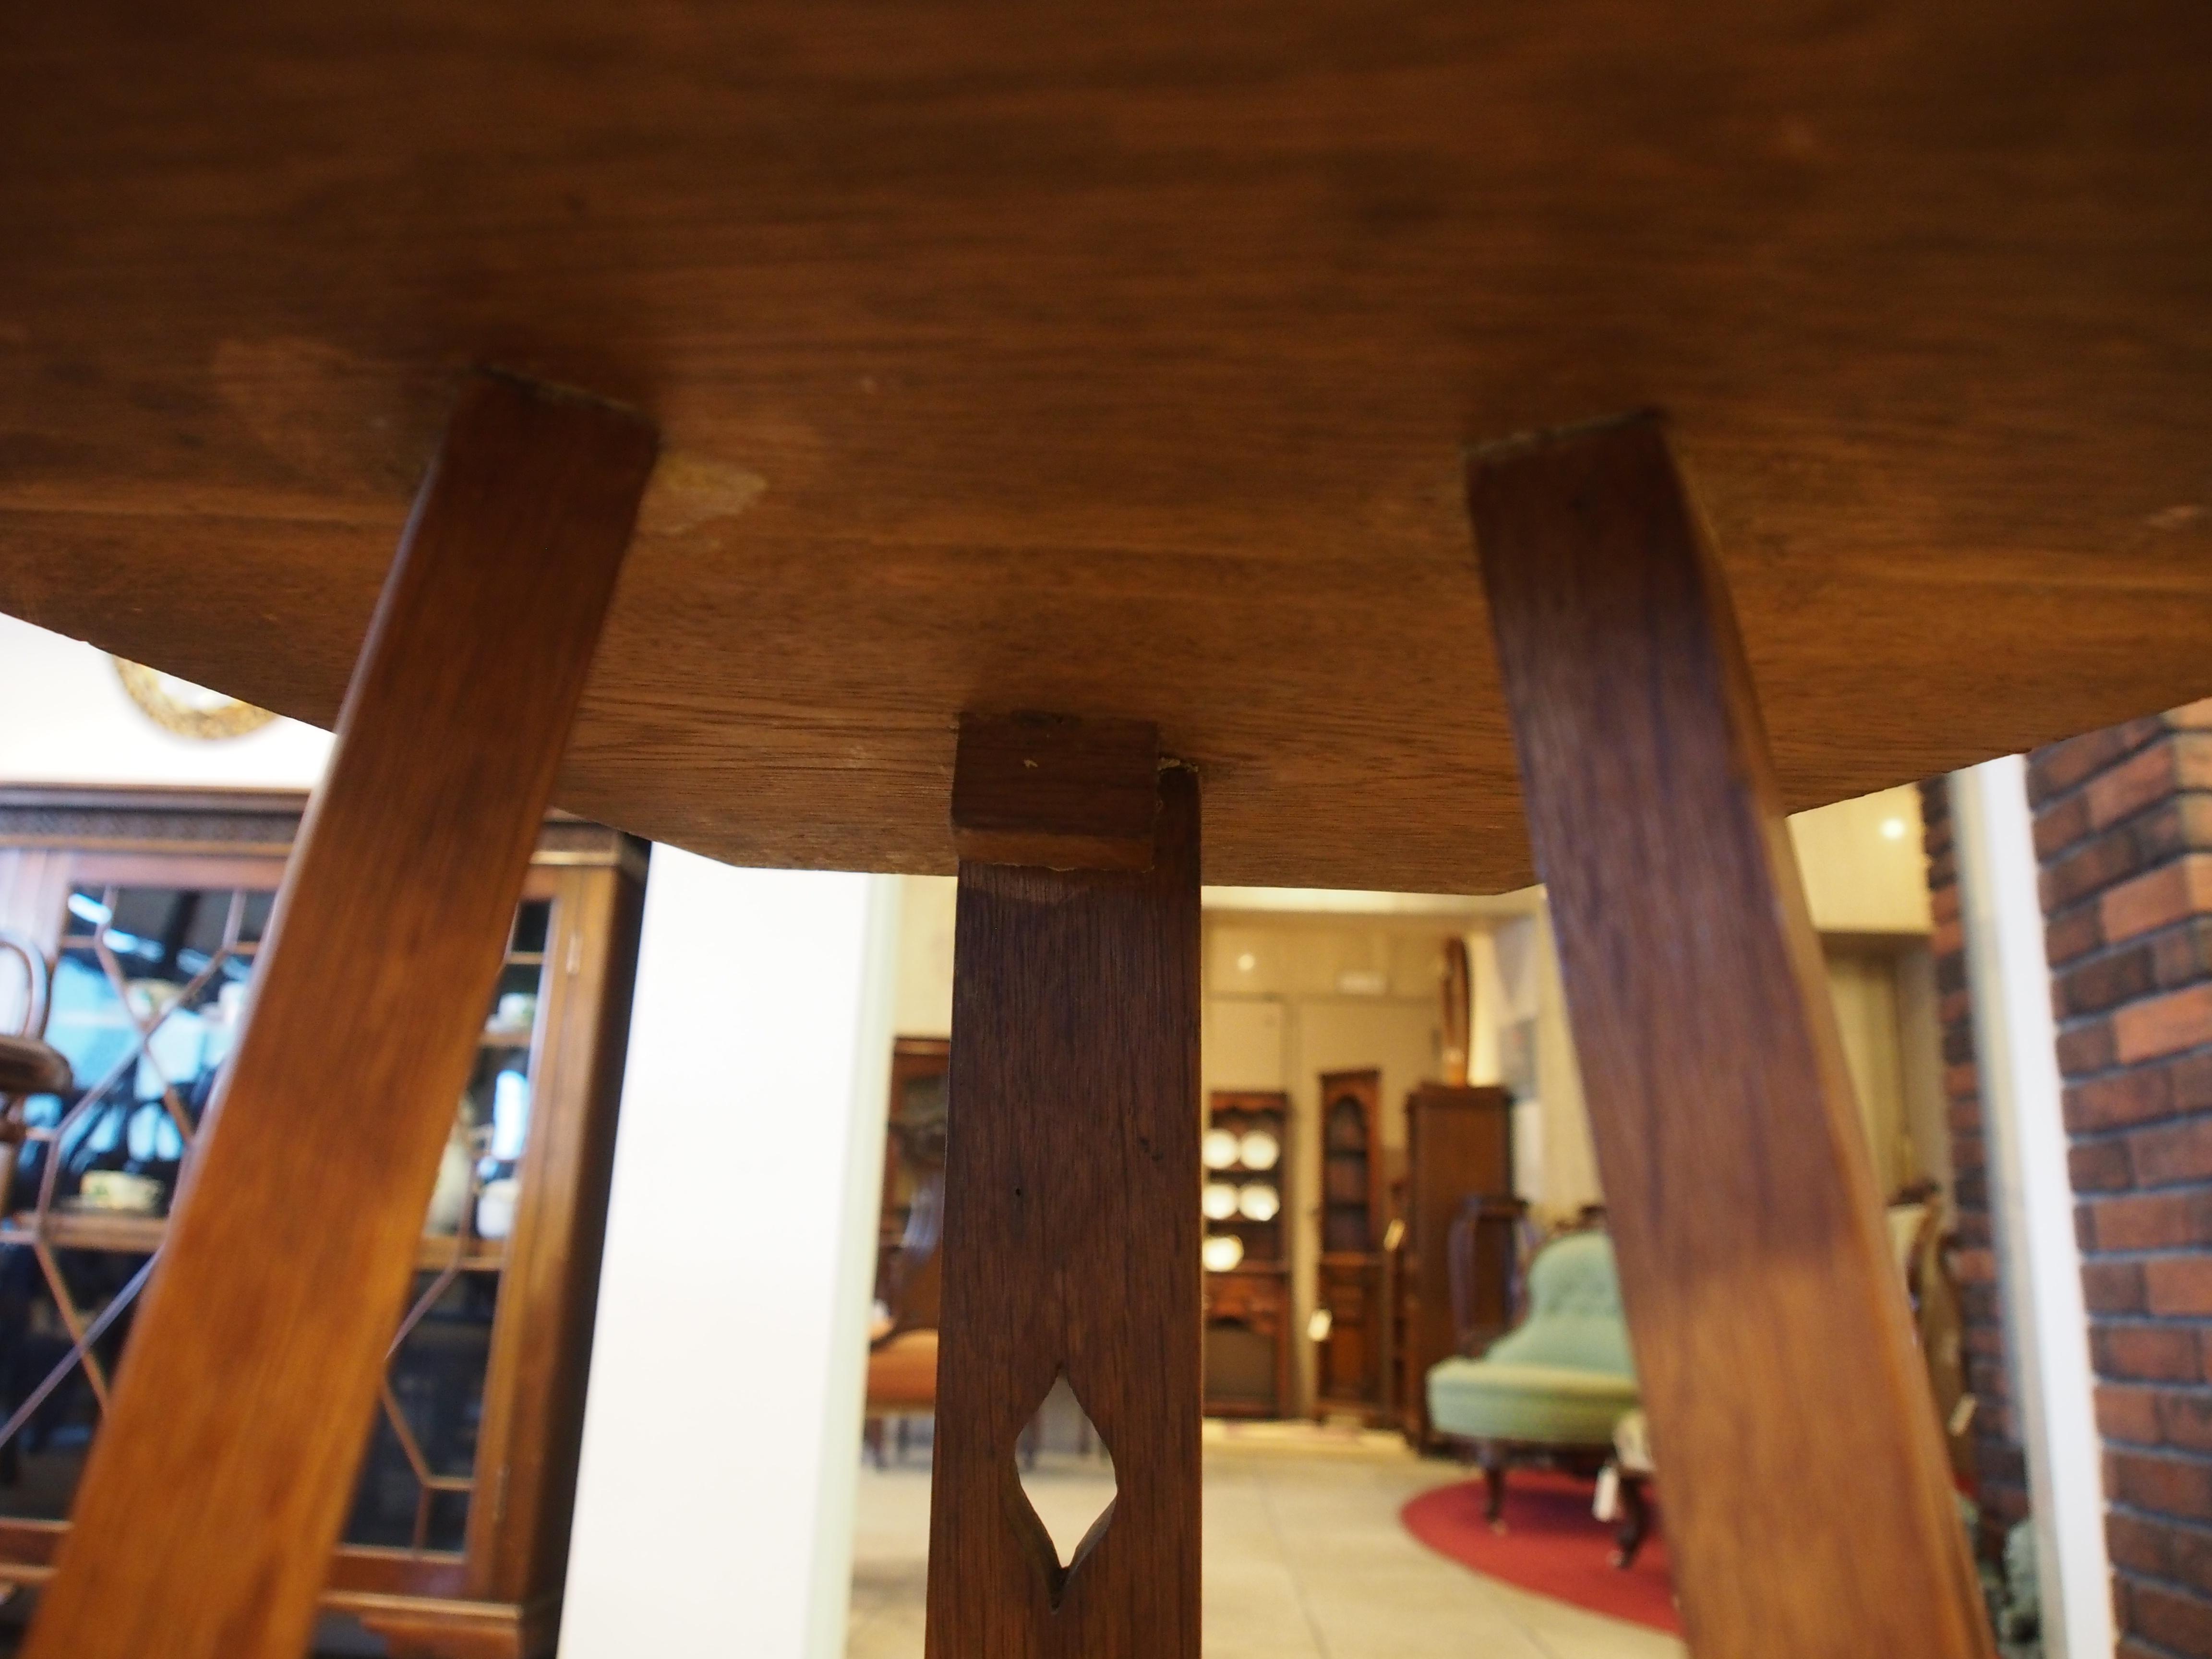 アーツアンドクラフツ オケージョナルテーブル 花台 ランプテーブル ソリッドオーク 透かし彫り 6角形 3本脚 アンティーク家具 ヴィンテージ家具 イギリスアンティークショップ 英国アンティーク家具 ツインアンティークス TWIN ANTIQUES